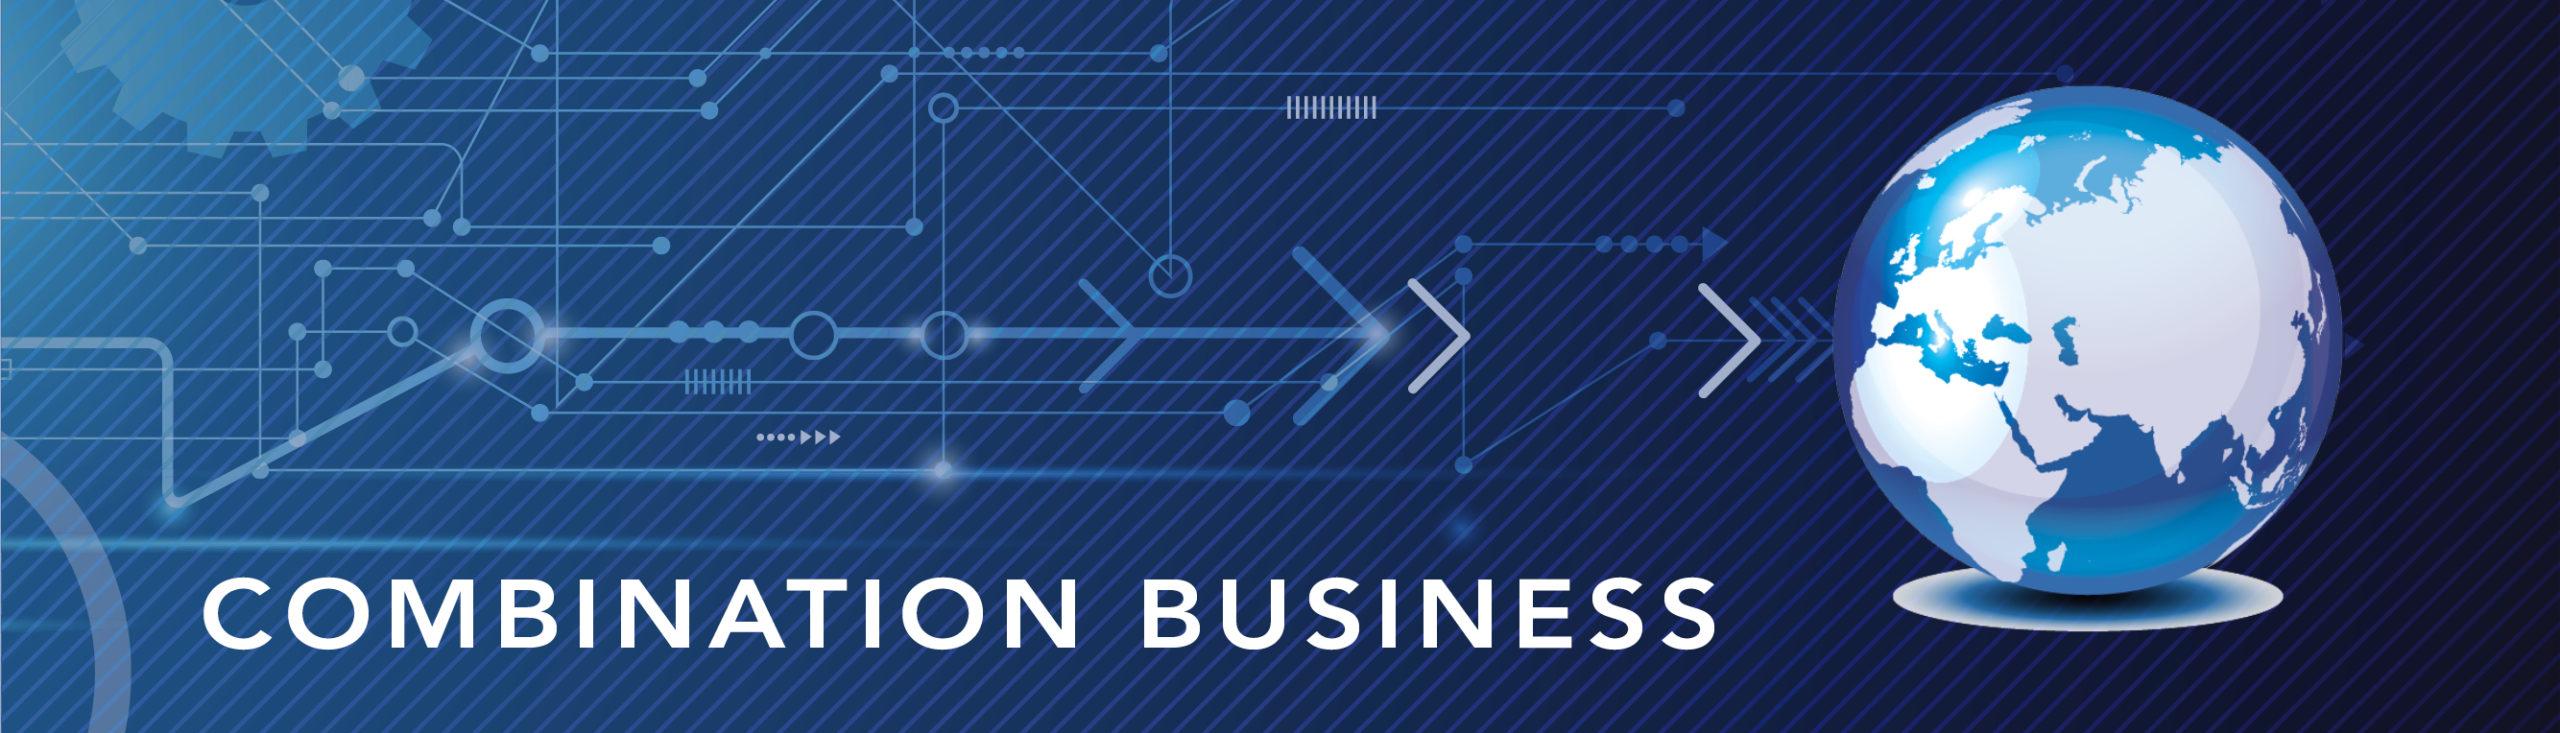 Combination Business - VNT Automotive